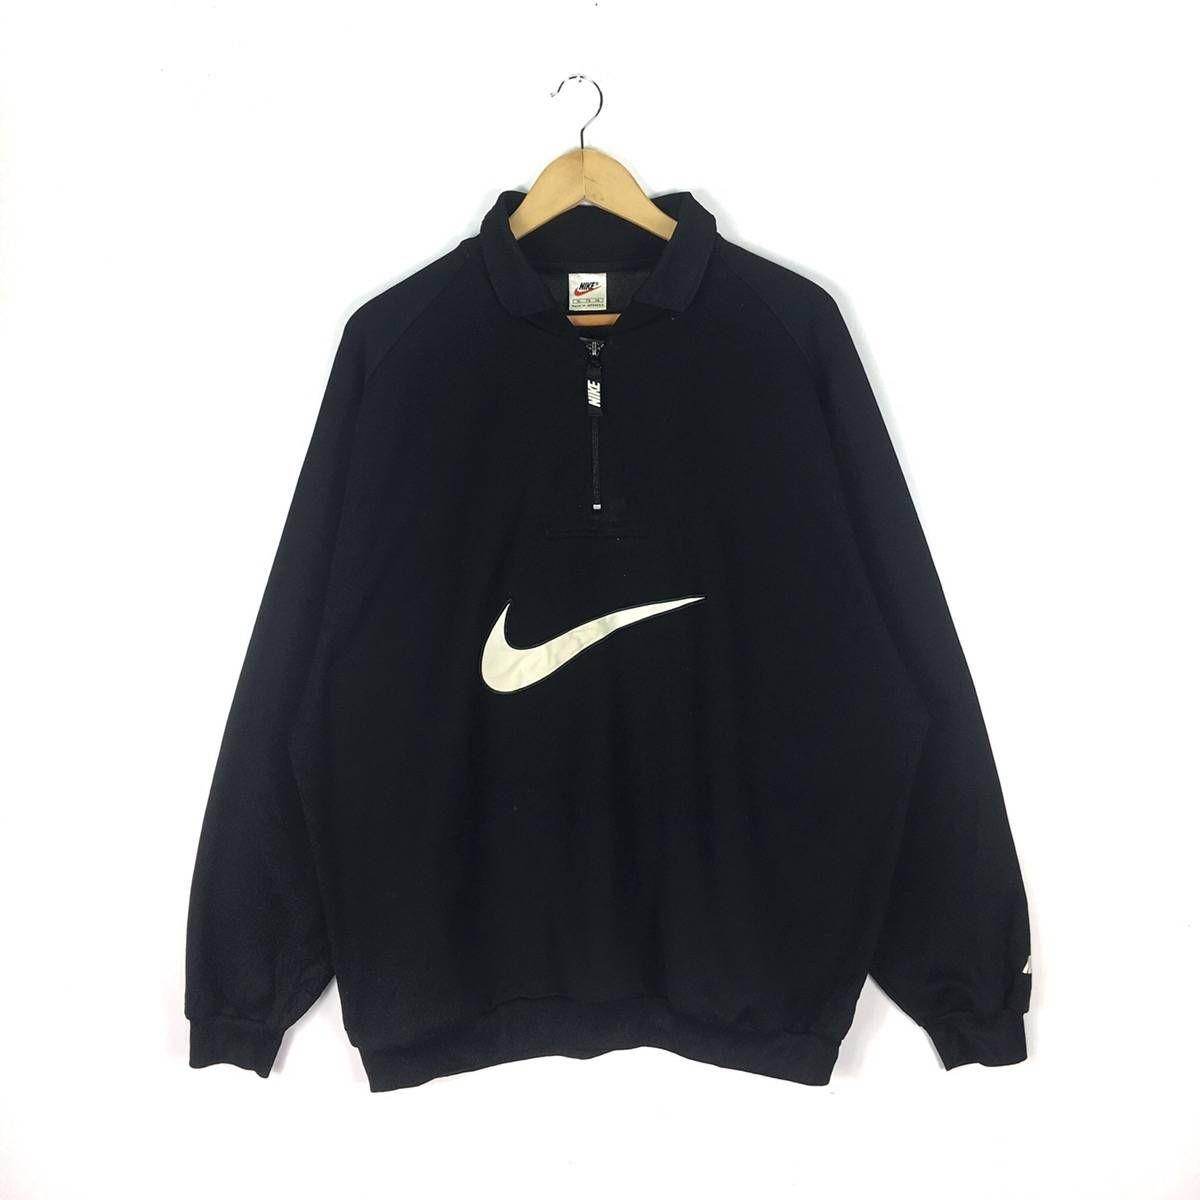 Nike Vintage Nike Big Logo Swoosh Sweatshirt Half Zip Embroidery Size Xl Sweatshirts Hoodies For Sale Grailed Vintage Nike Sweatshirts Nike Outfits